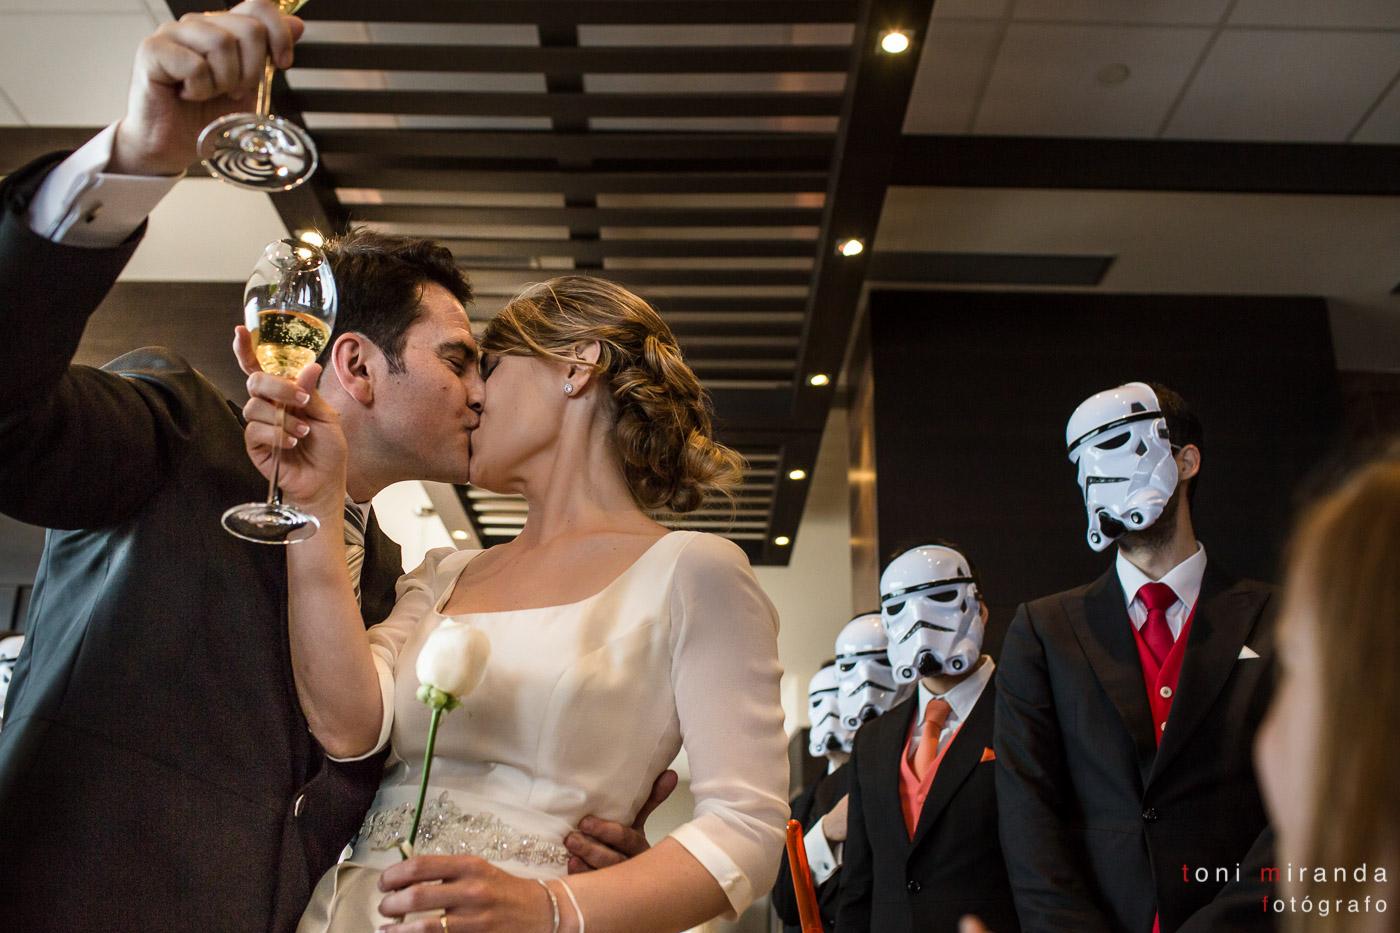 Beso de recién casados ante invitados caracterizados de caballeros Jedi banquete en hotel solymar de calpe